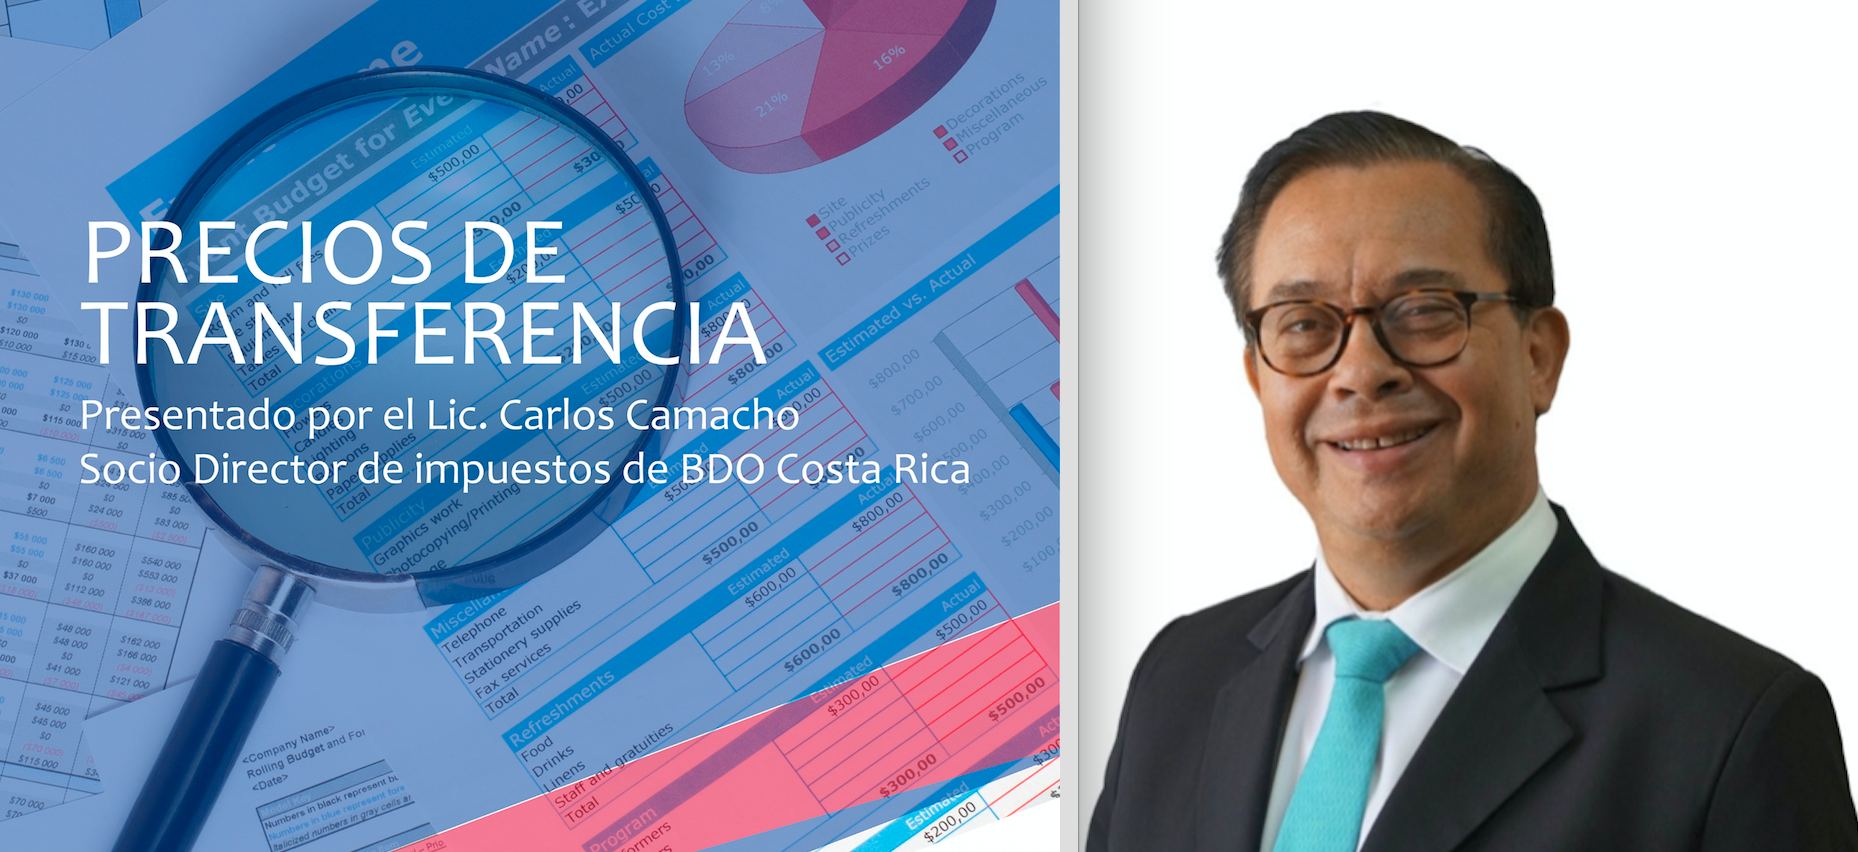 https://ekaenlinea.com/wp-content/uploads/2016/12/Precios-de-Transferencia.png